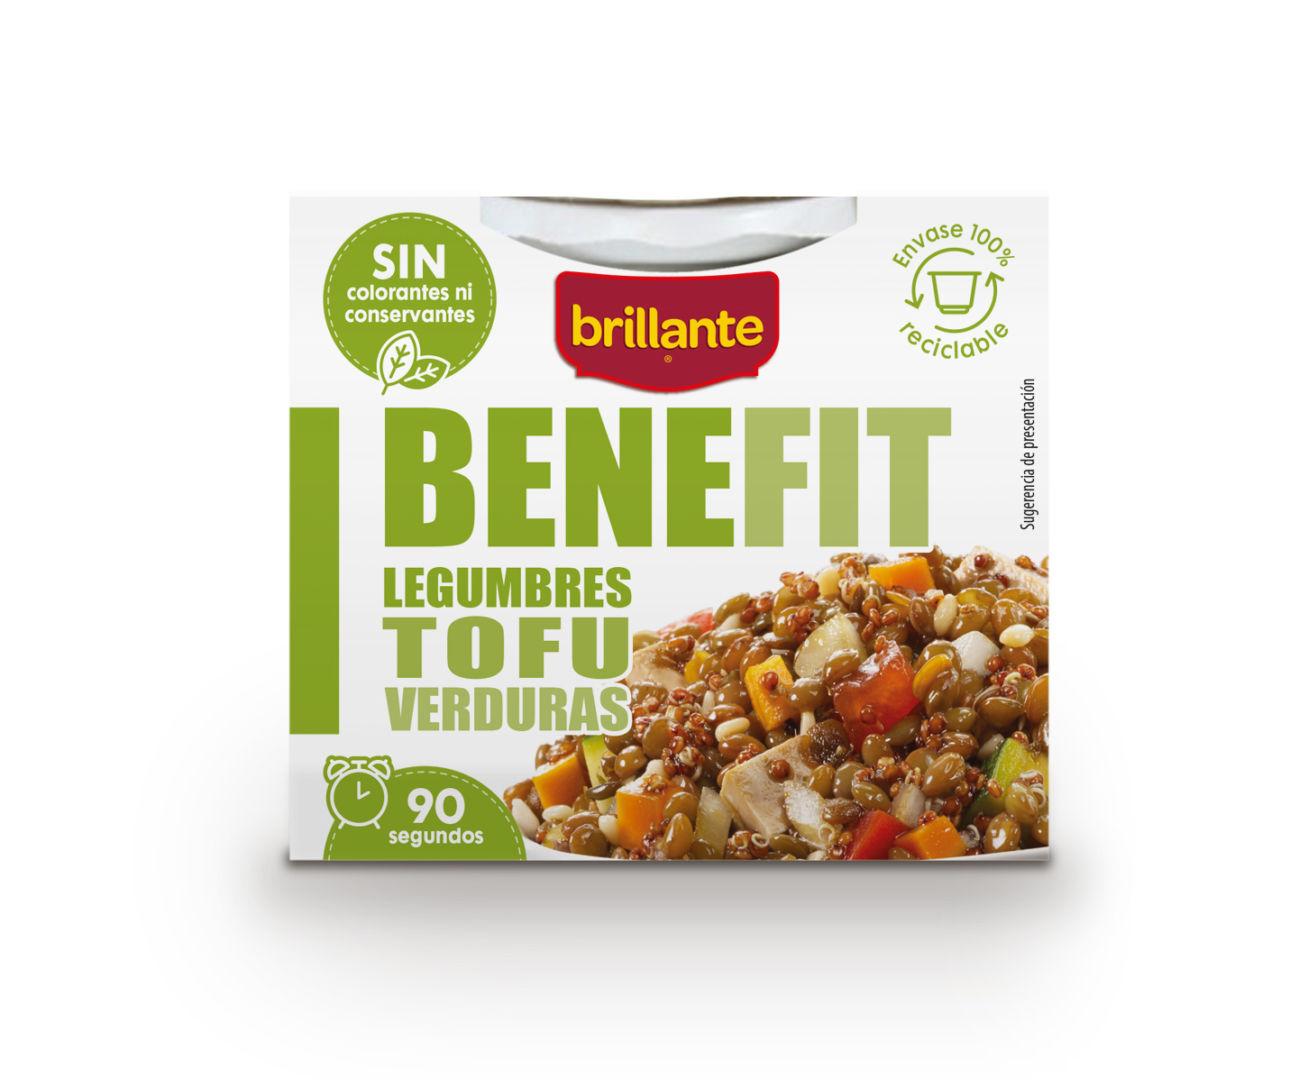 brillante-benefit-tofu-legumbres-verduras